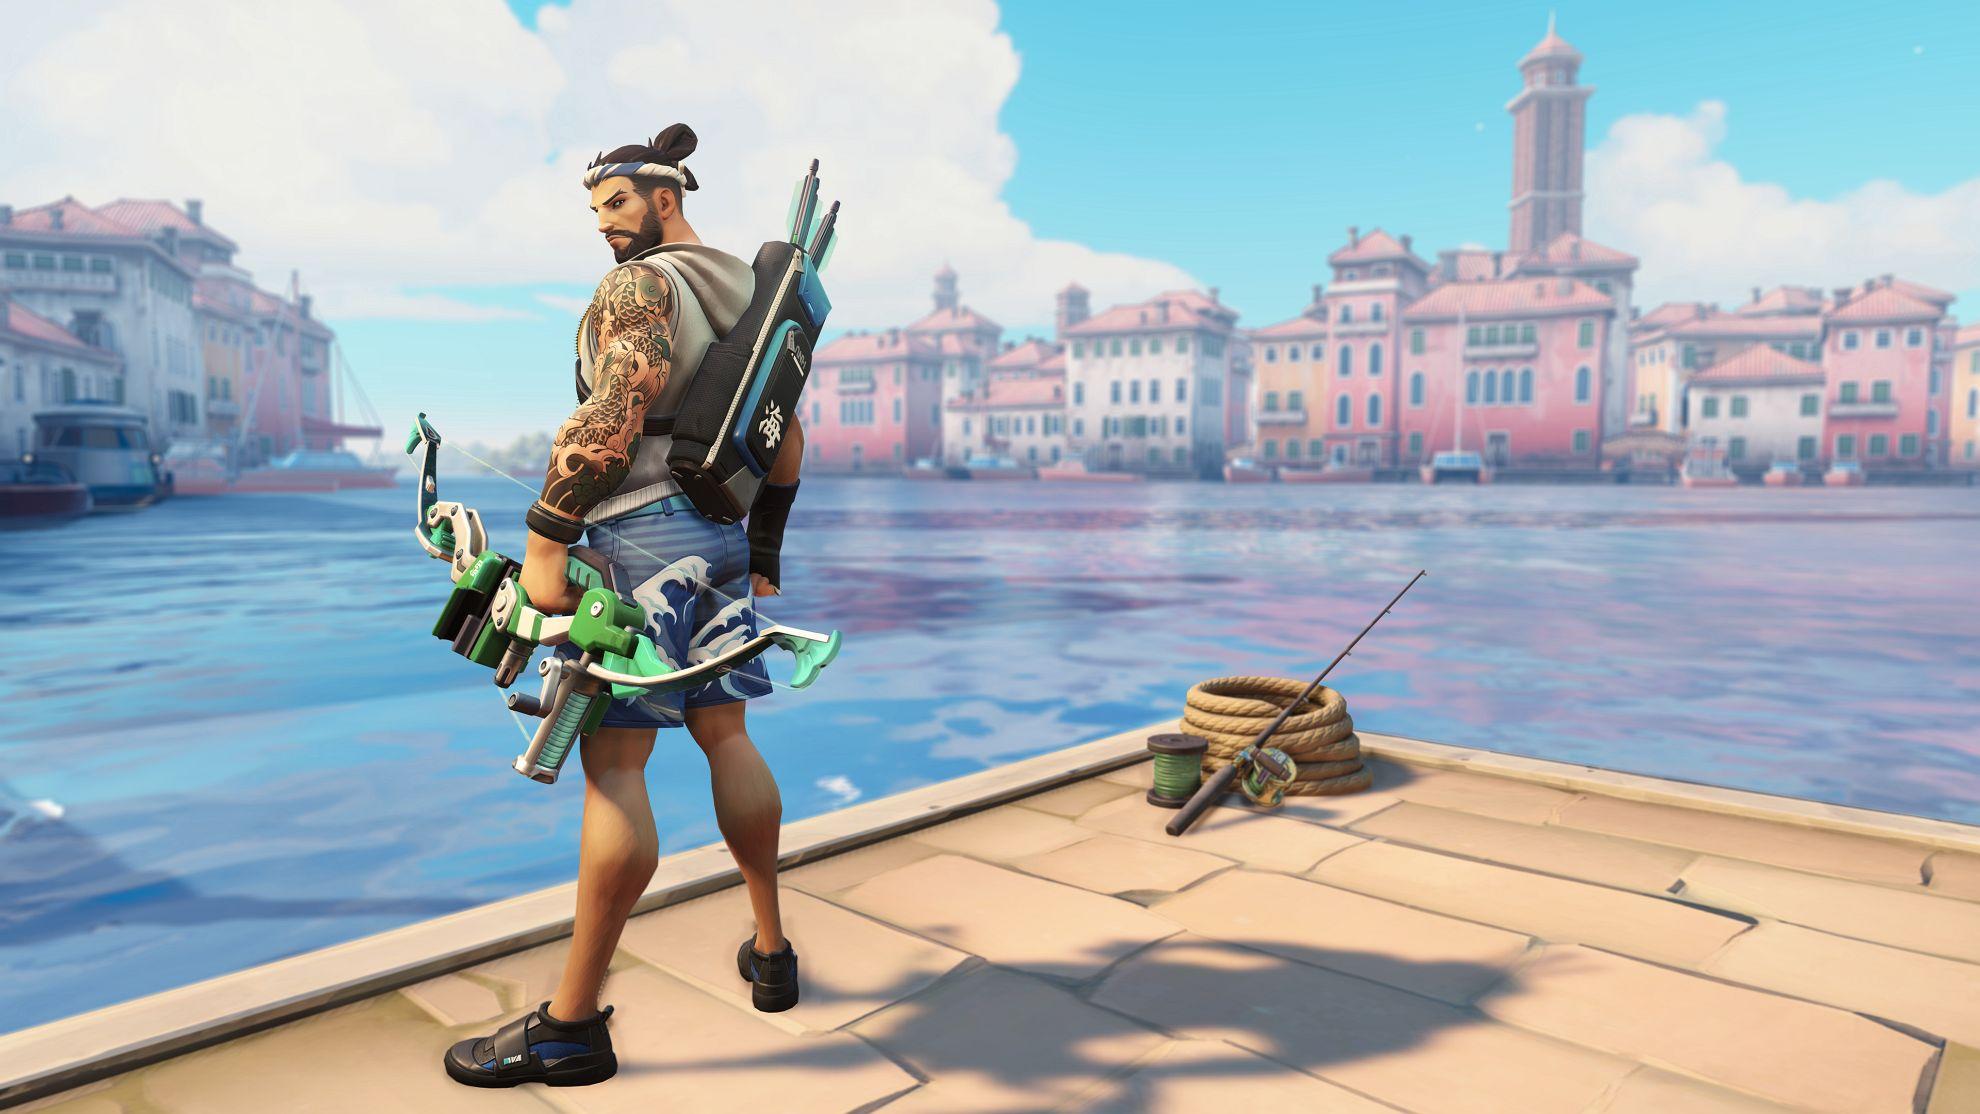 L'événement Overwatch Summer Games 2019 est maintenant en direct